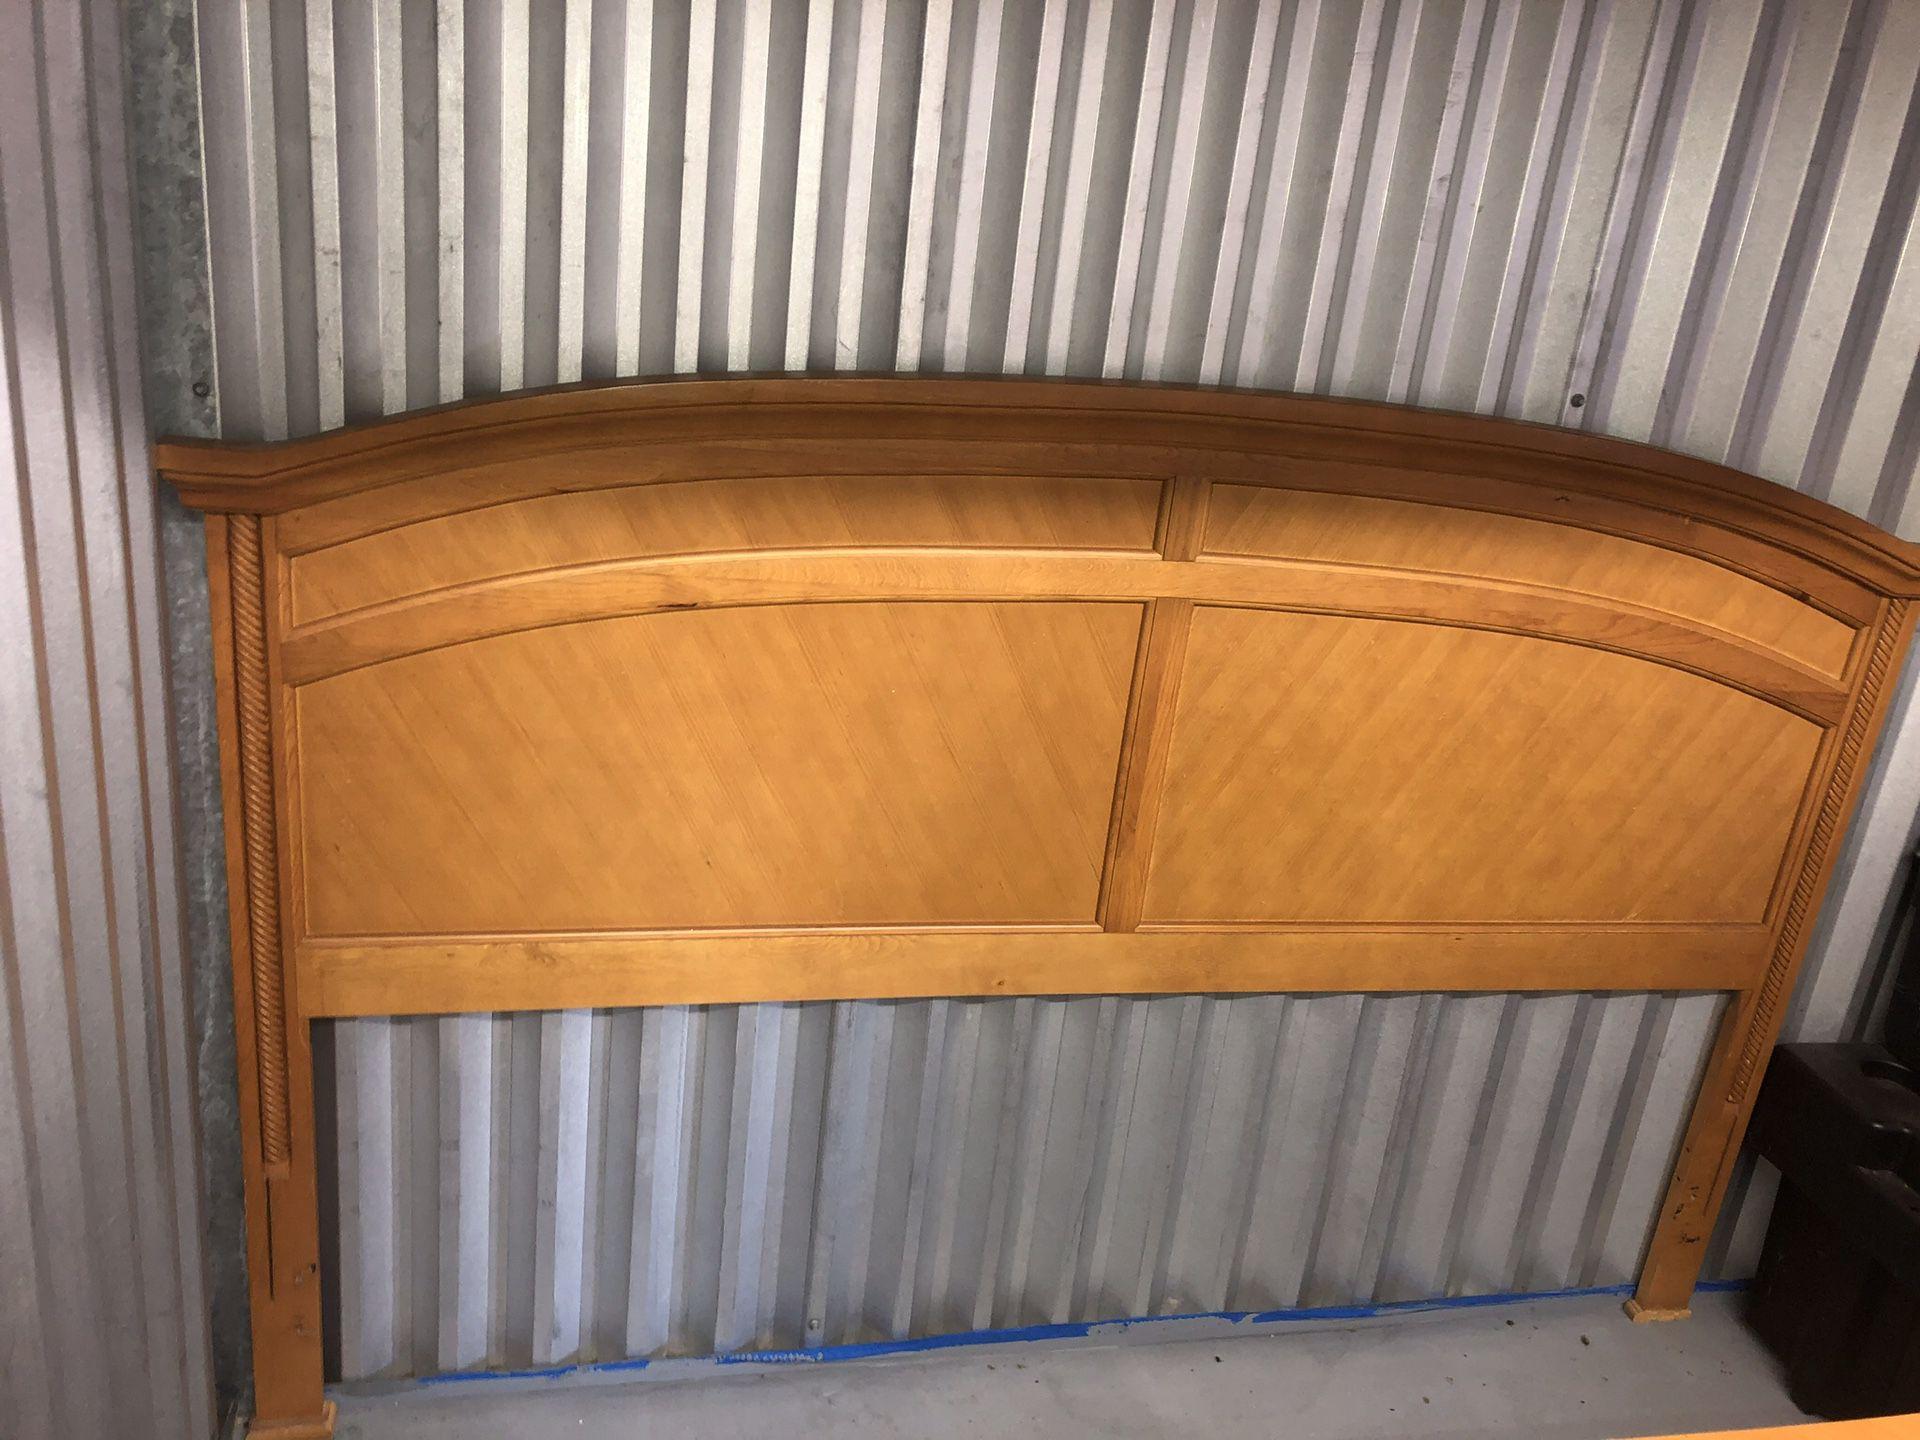 4pc Wooden Bed set (NO FRAME)